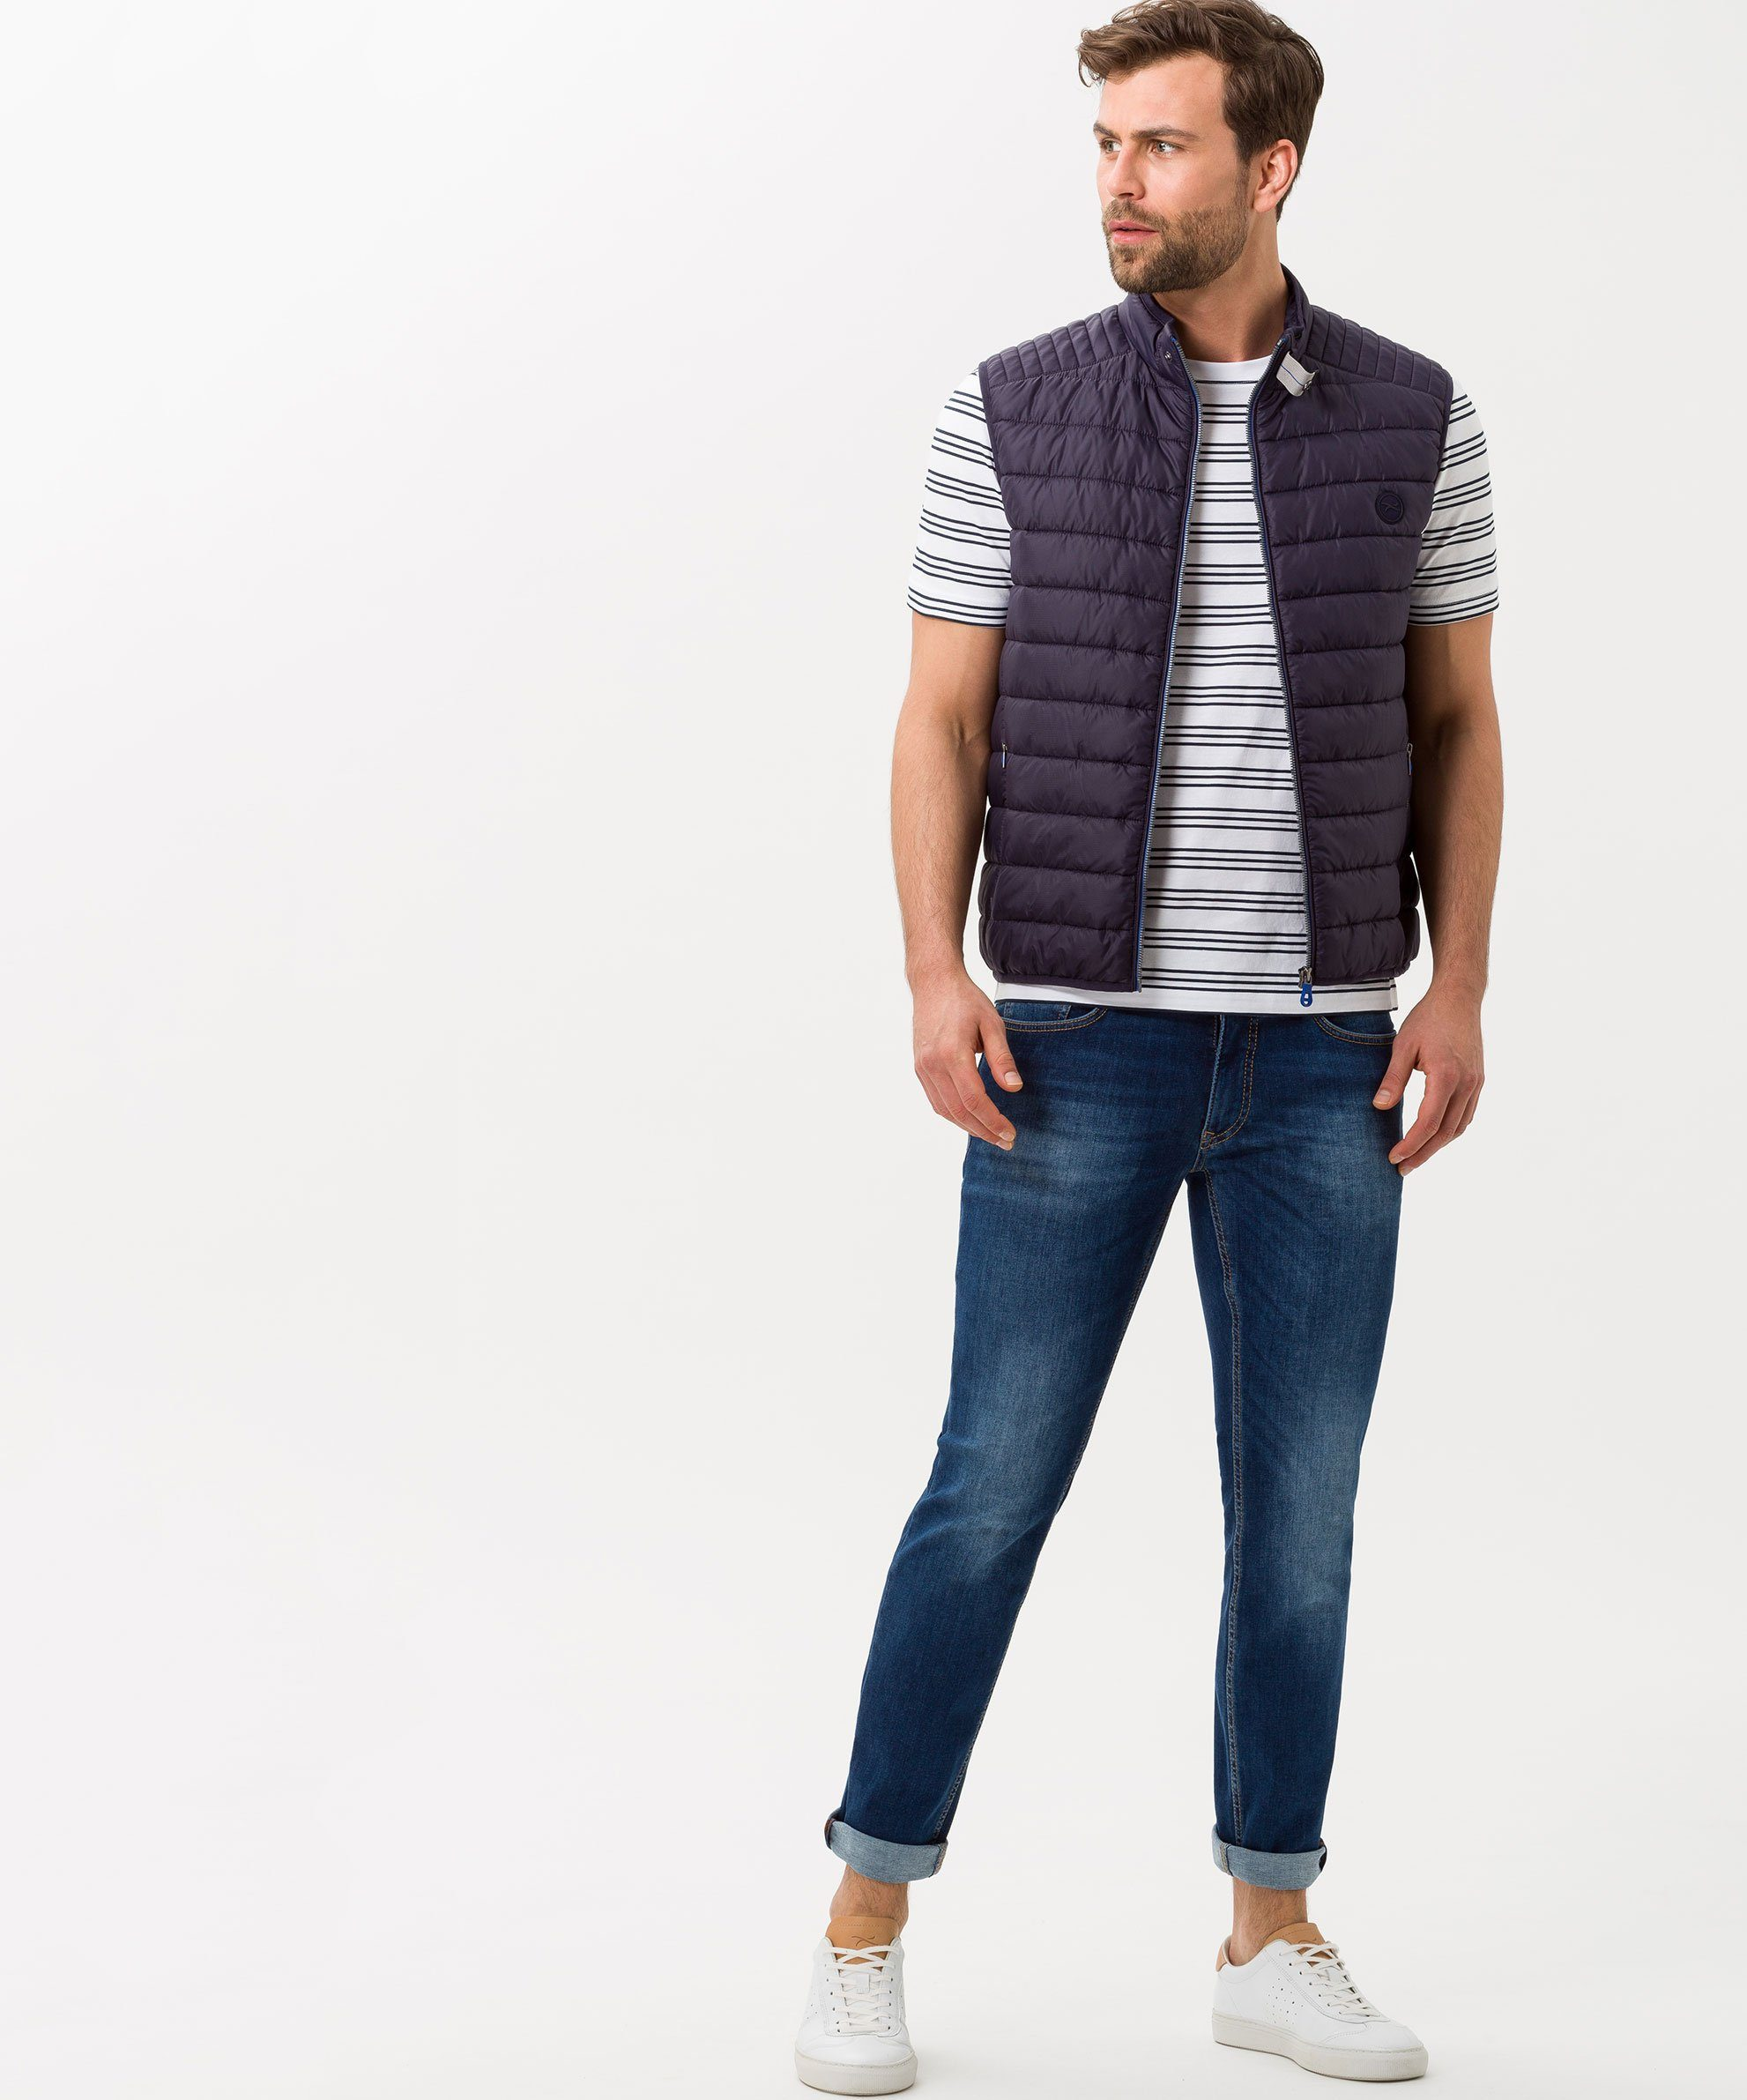 Brax T-Shirt Style Troy, Lässiges Shirt mit sportiver Streifenoptik m9IWD7